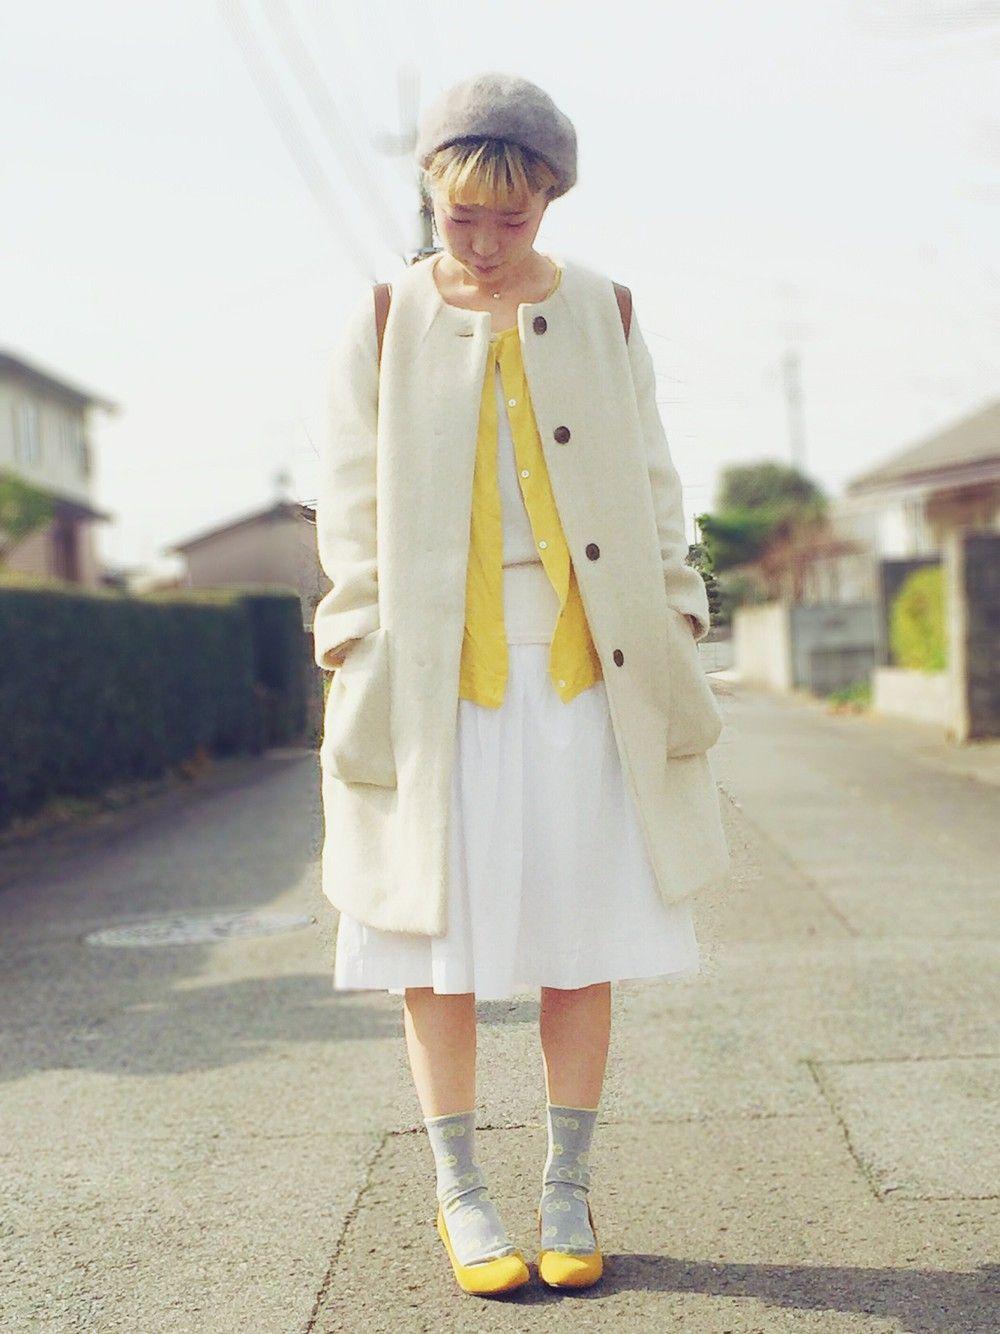 a8子さんのノーカラージャケット「studio CLIP 【studio CLIP】 スラブヘリンボンツイードクルーネックコート」を使ったコーディネート